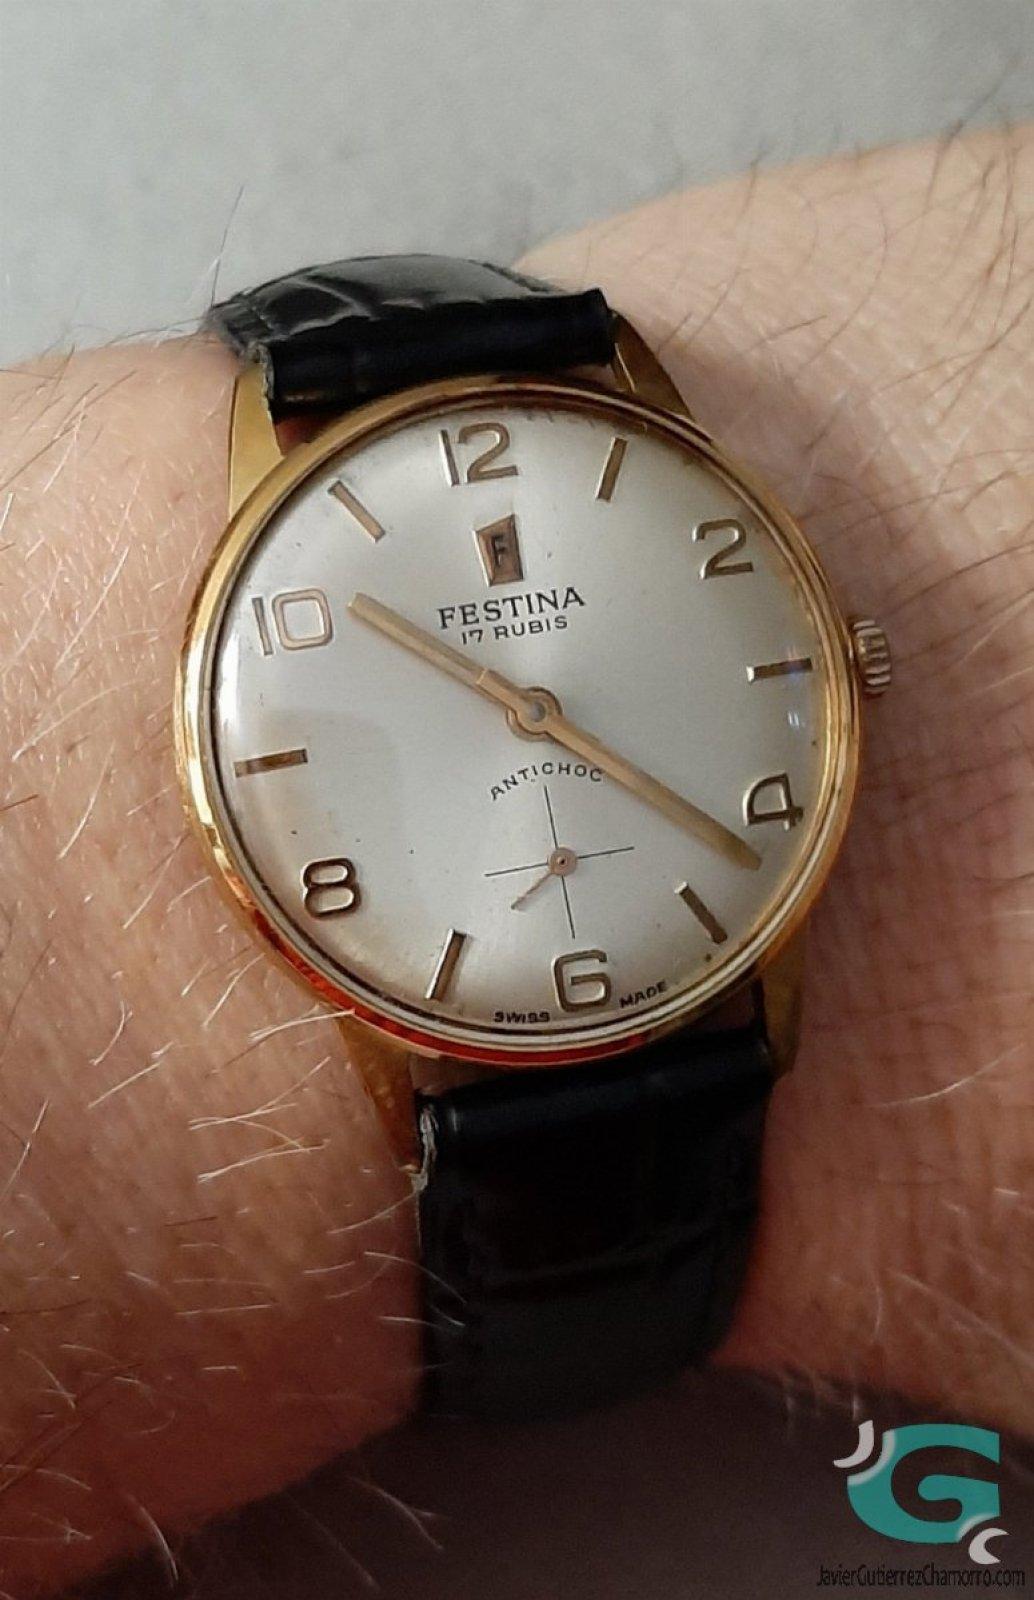 Galería de relojes de los lectores (13), con vídeo y sugerencia